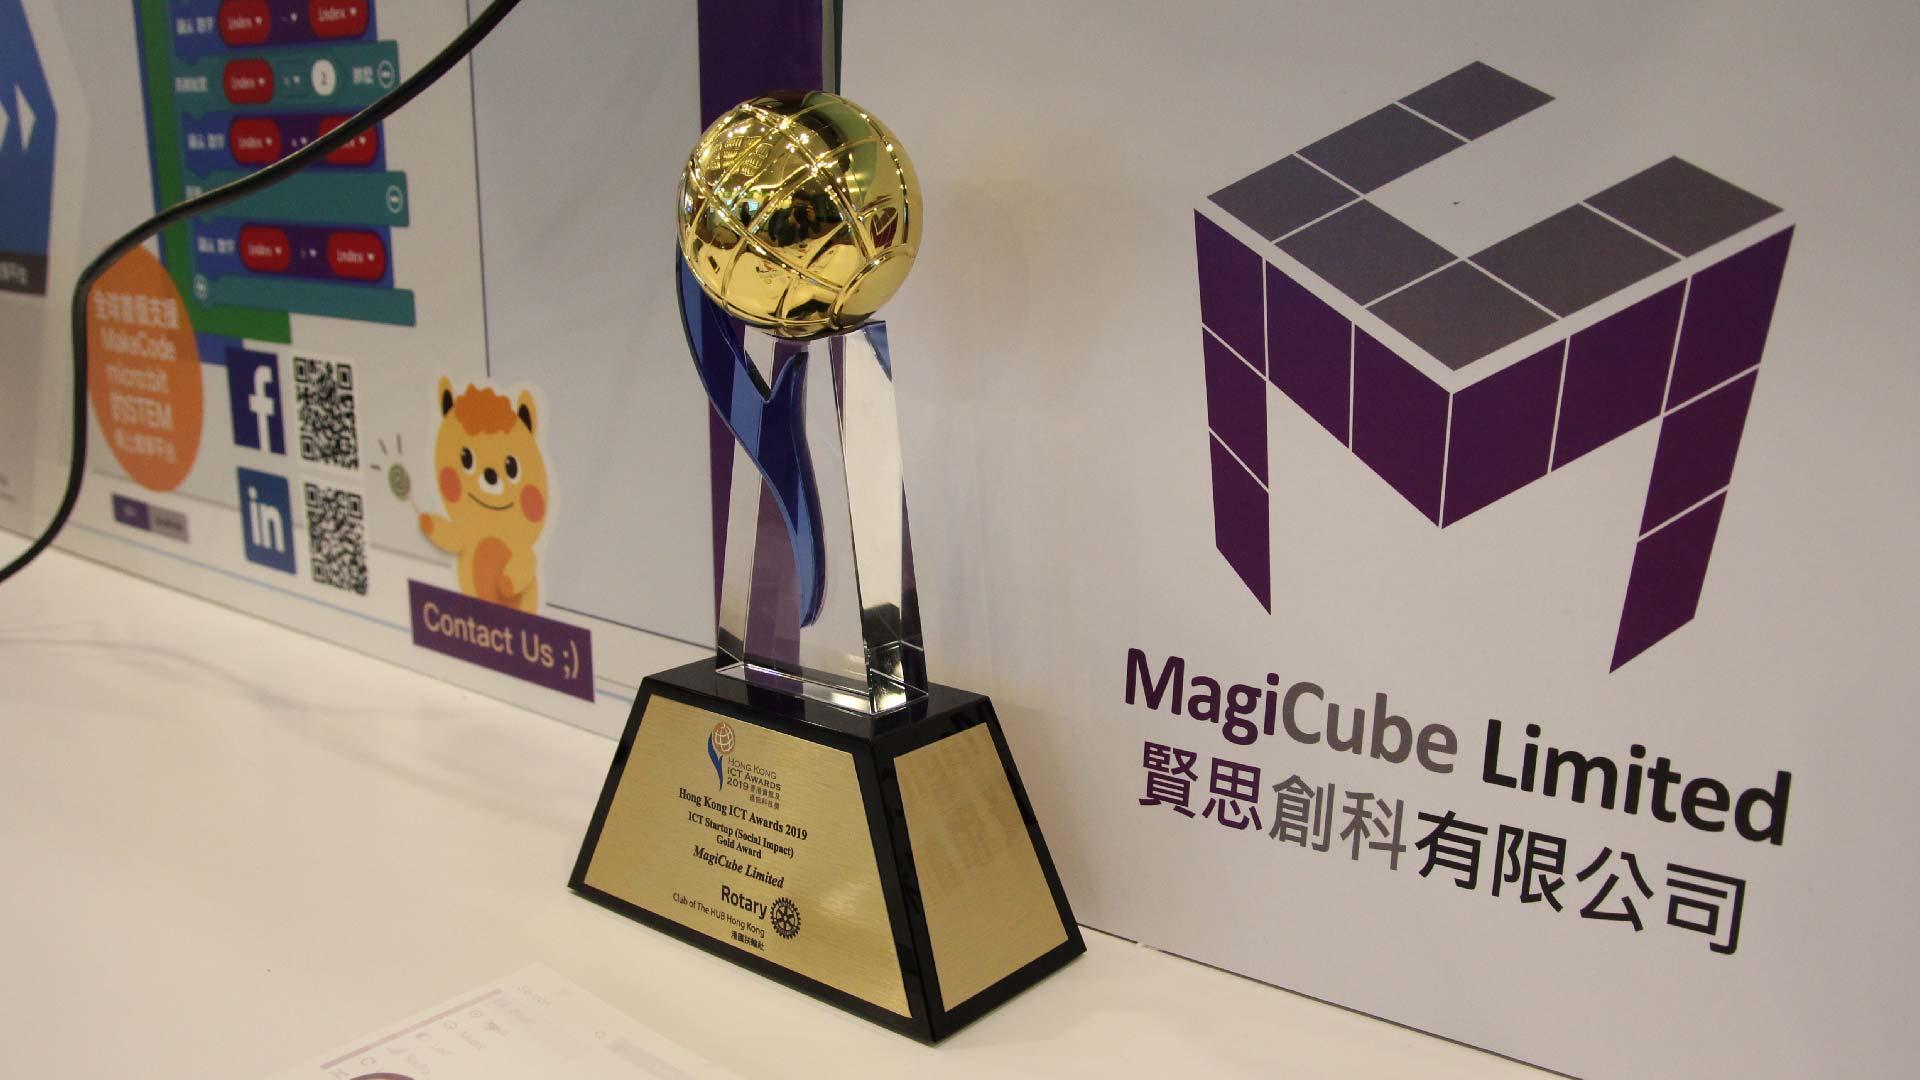 Receiving the Gold Award at The Hong Kong ICT Awards 2019 5